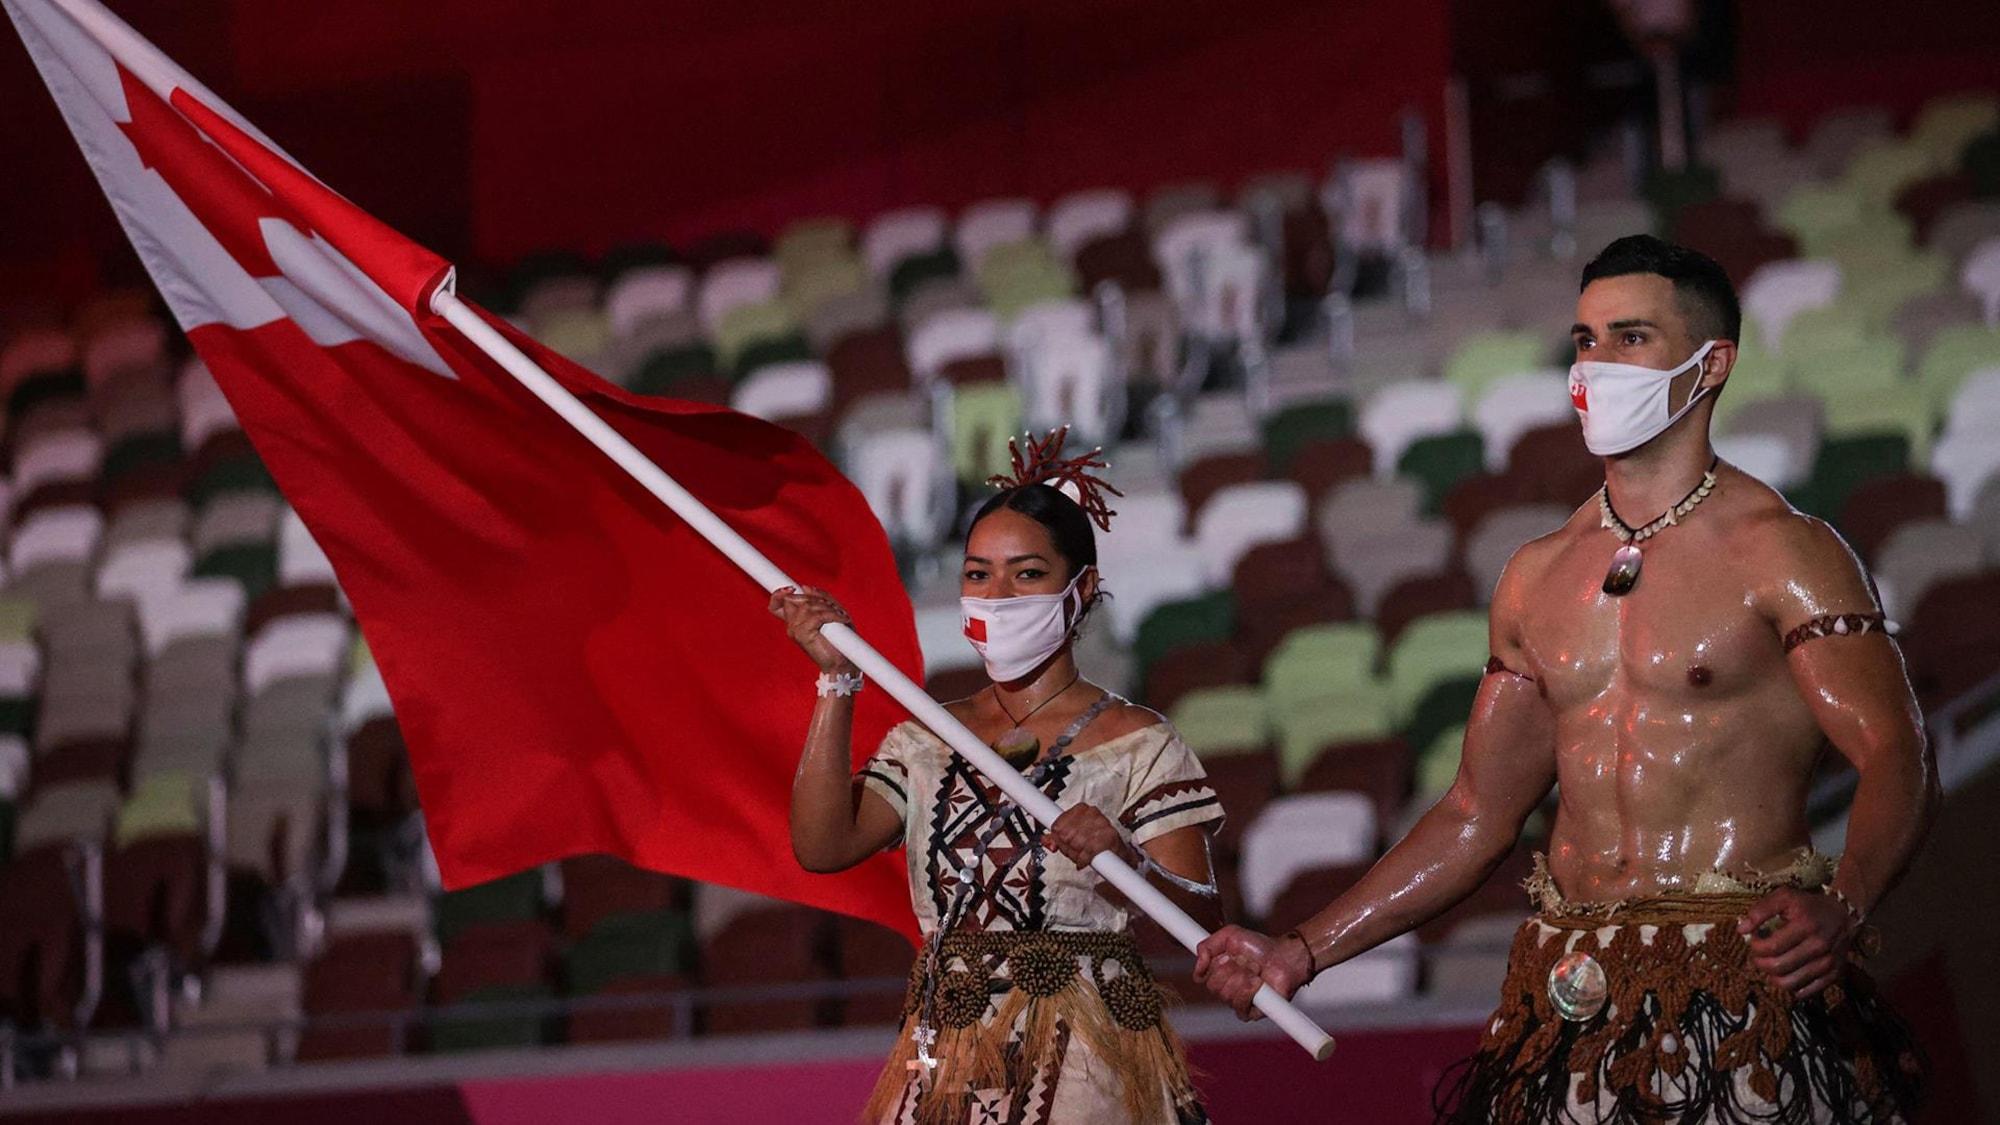 Une femme et un homme tiennent un drapeau et marchent.